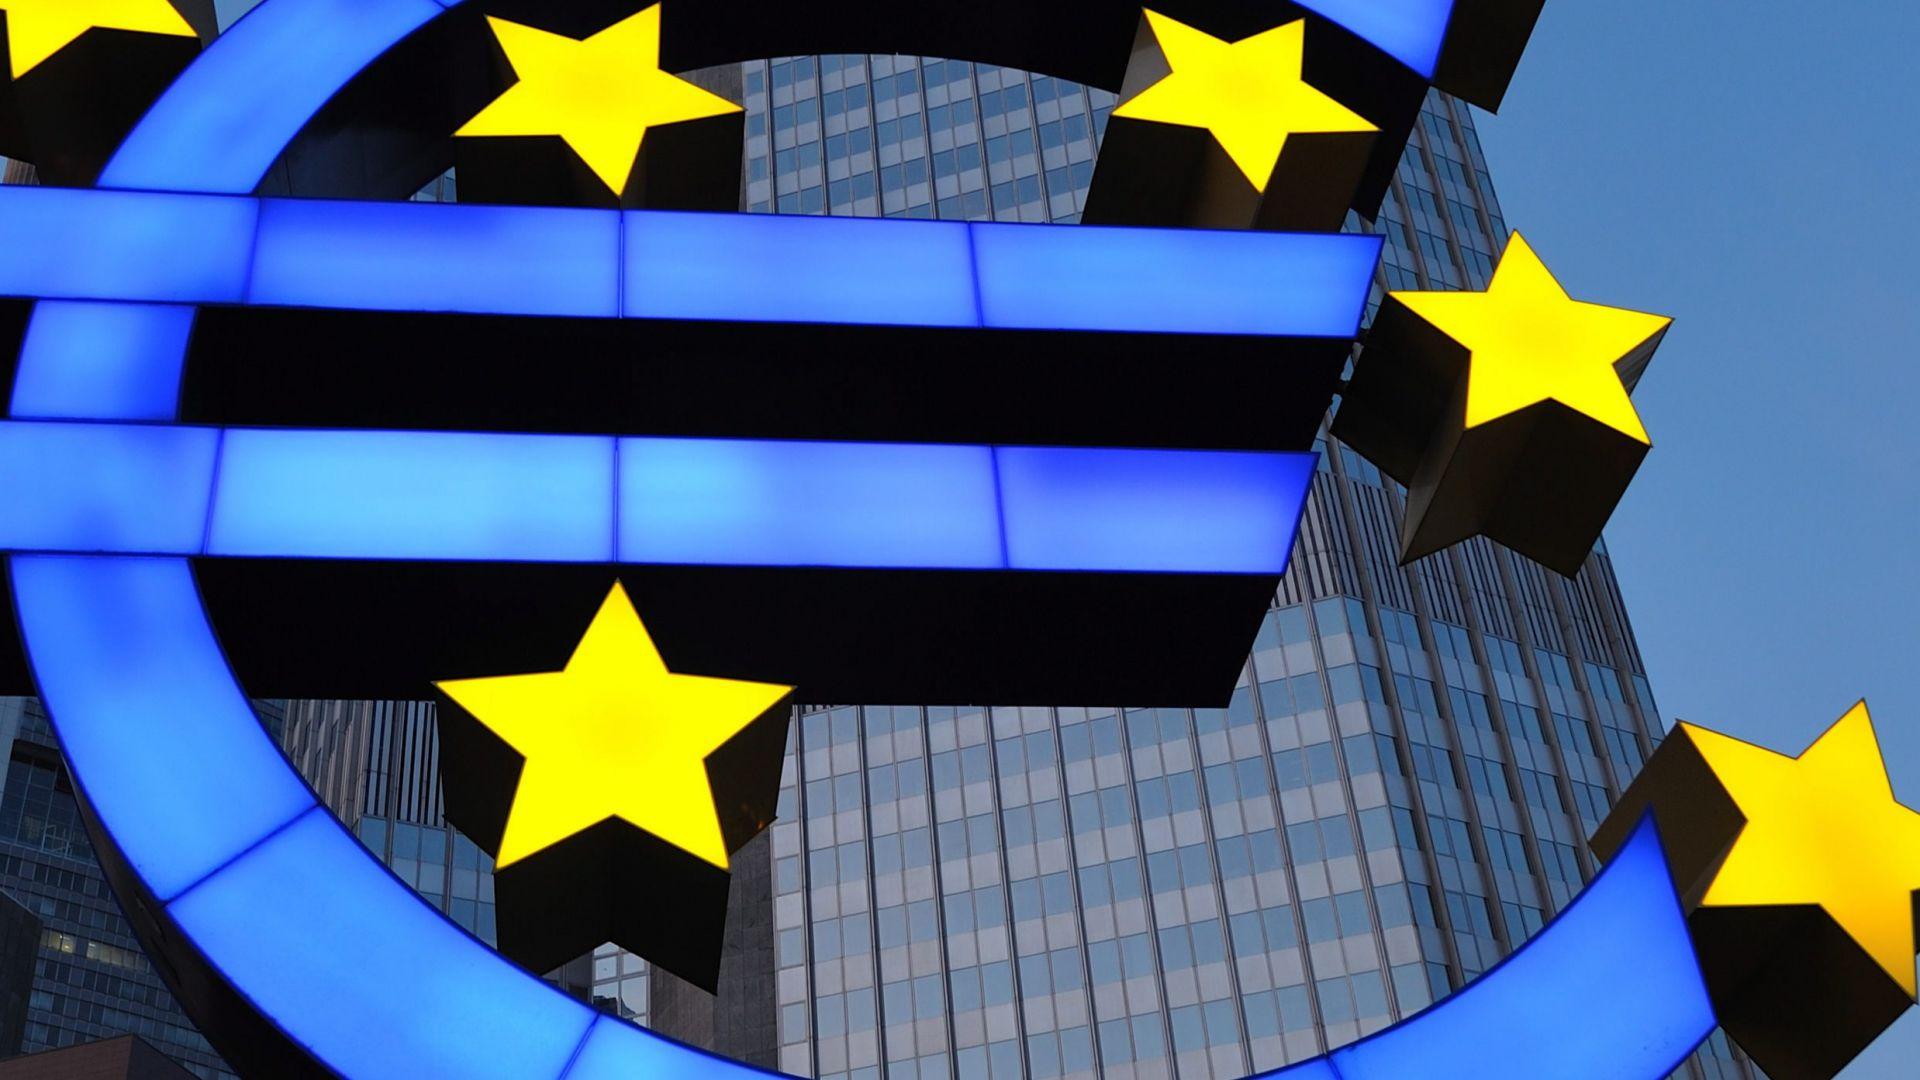 ЕЦБ остава твърда в досегашнага си политика